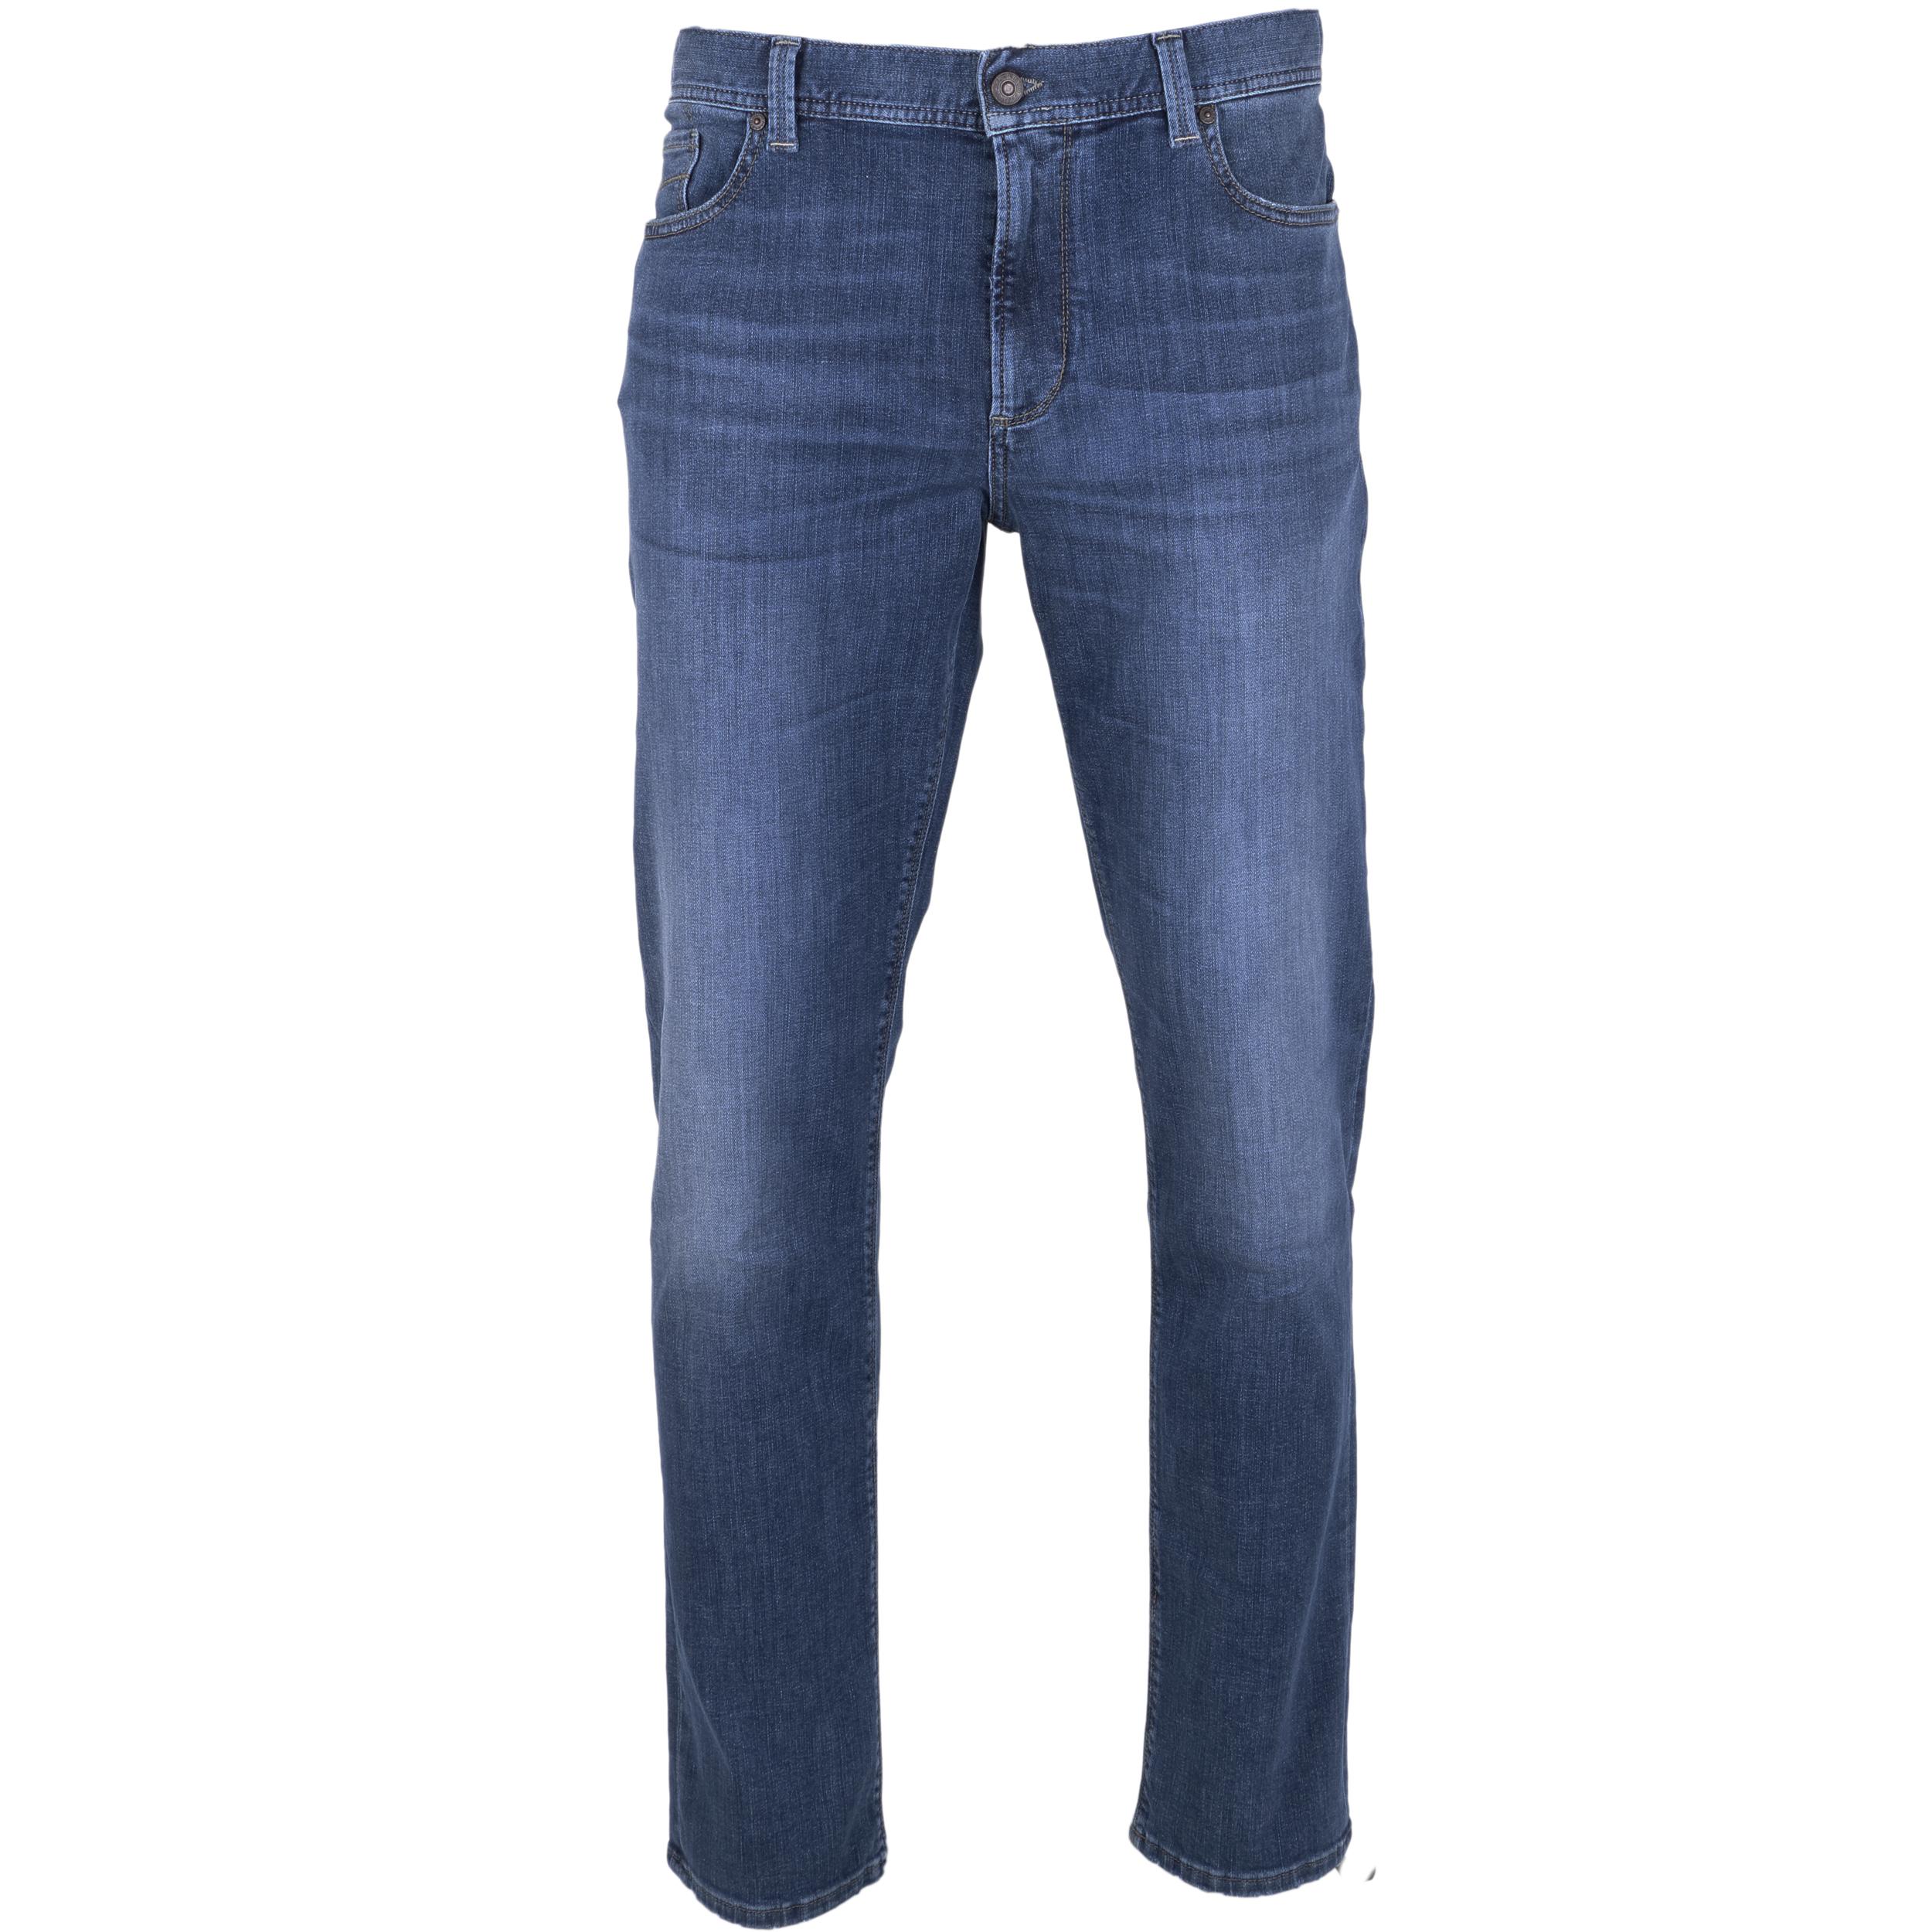 Alberto Herren Jeans Pipe regular fit - blau 35/32